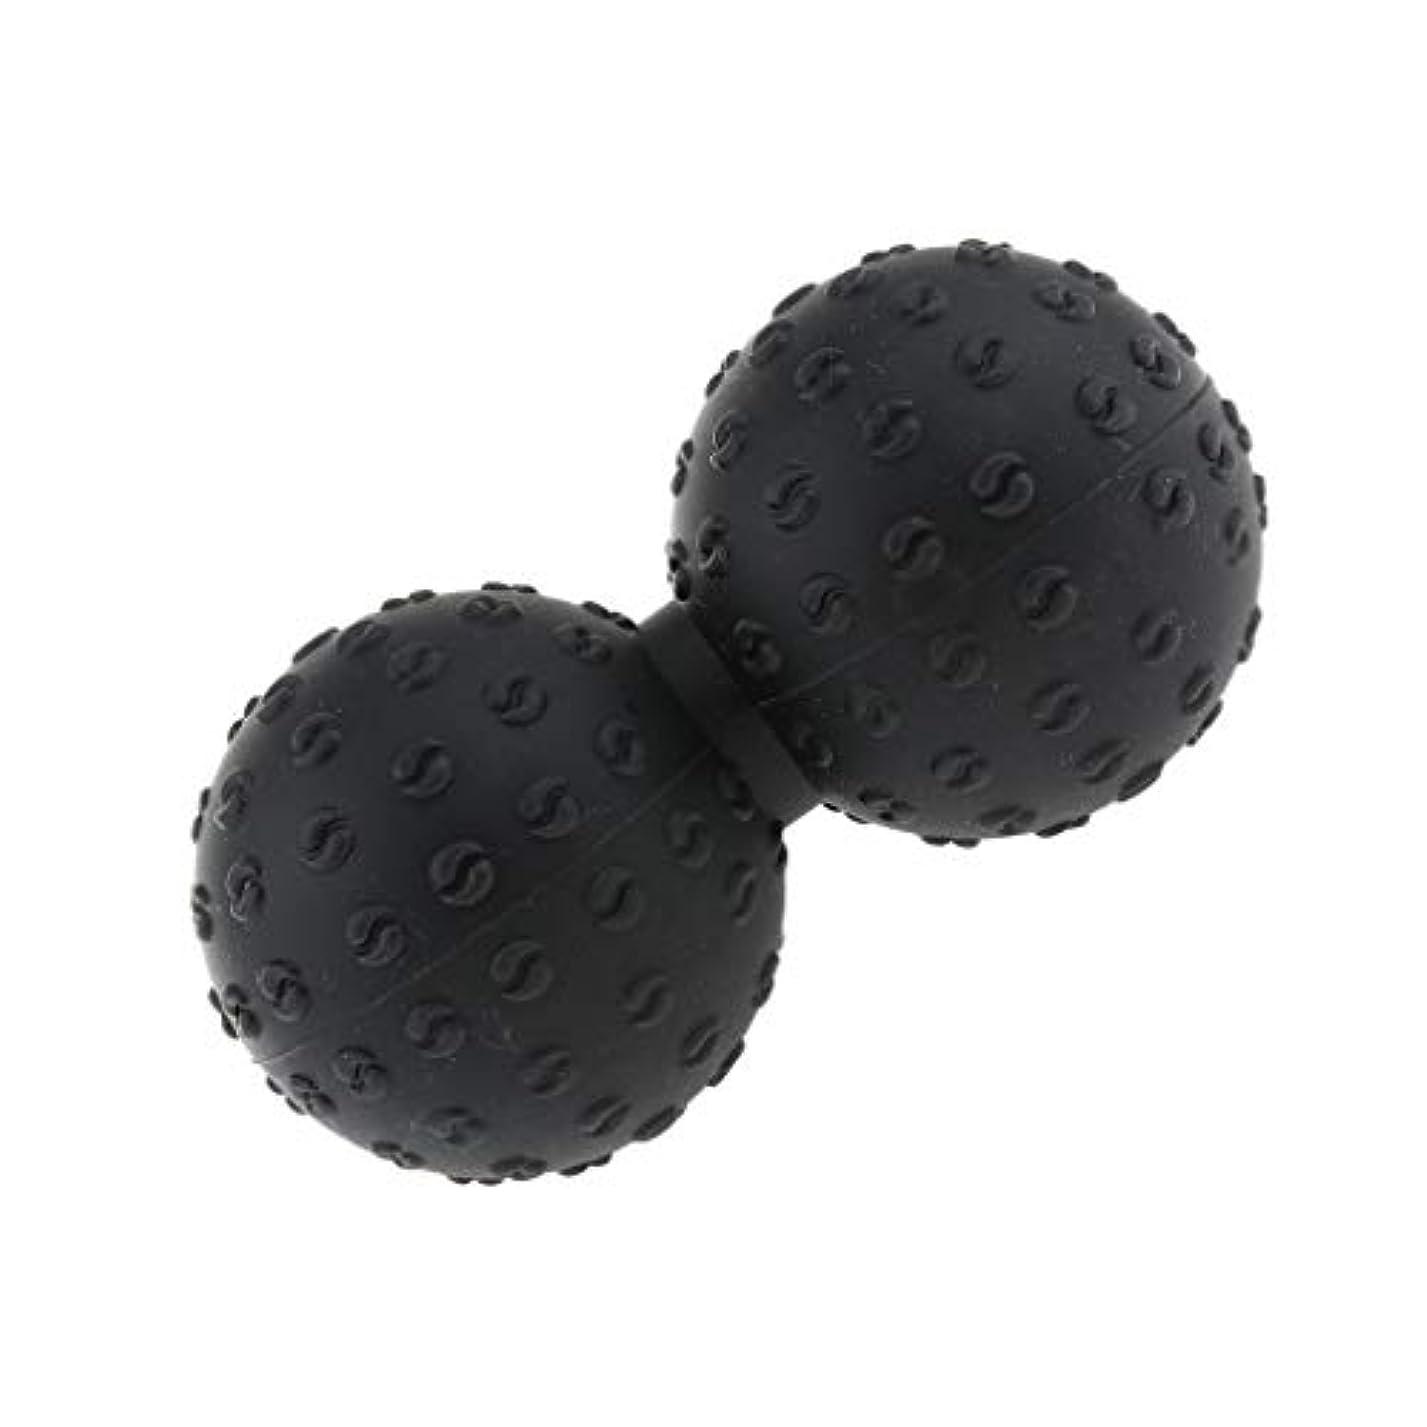 小さい要塞チーターCUTICATE マッサージボール 指圧ボール シリコン ピーナッツ トリガーポイント 肩、足、腕など 解消 全6色 - ブラック, 説明のとおり